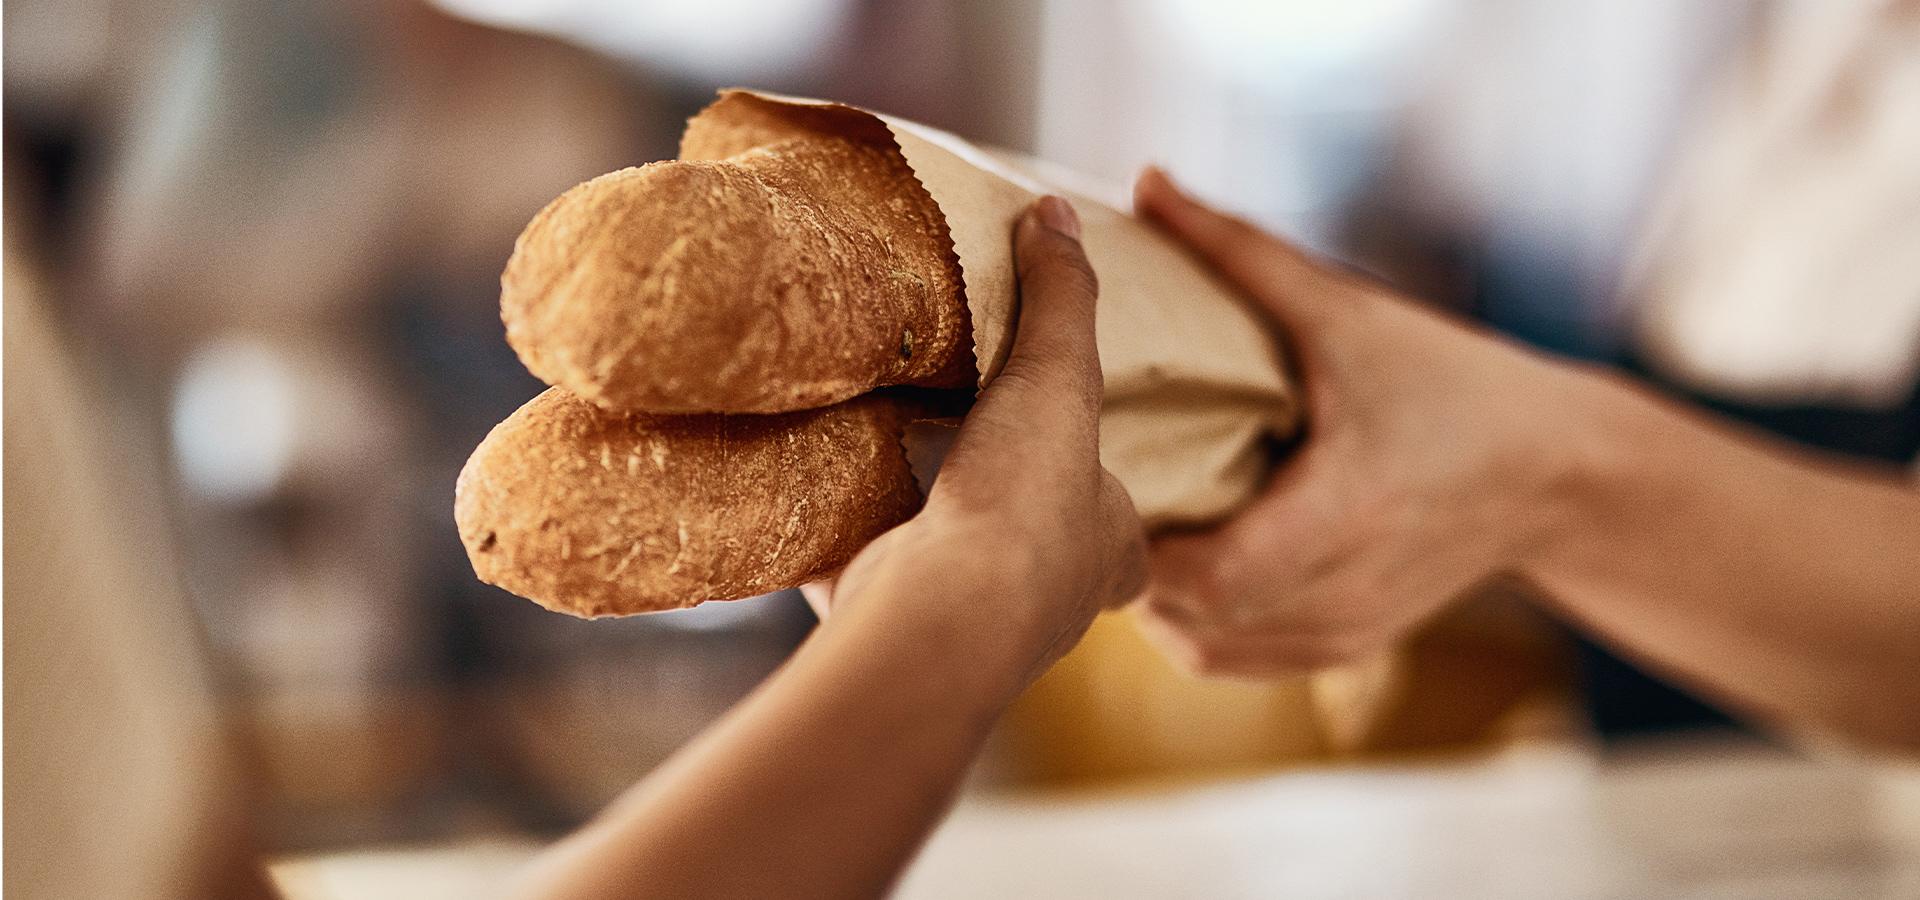 Nahaufnahme Übergabe von zwei Baguette